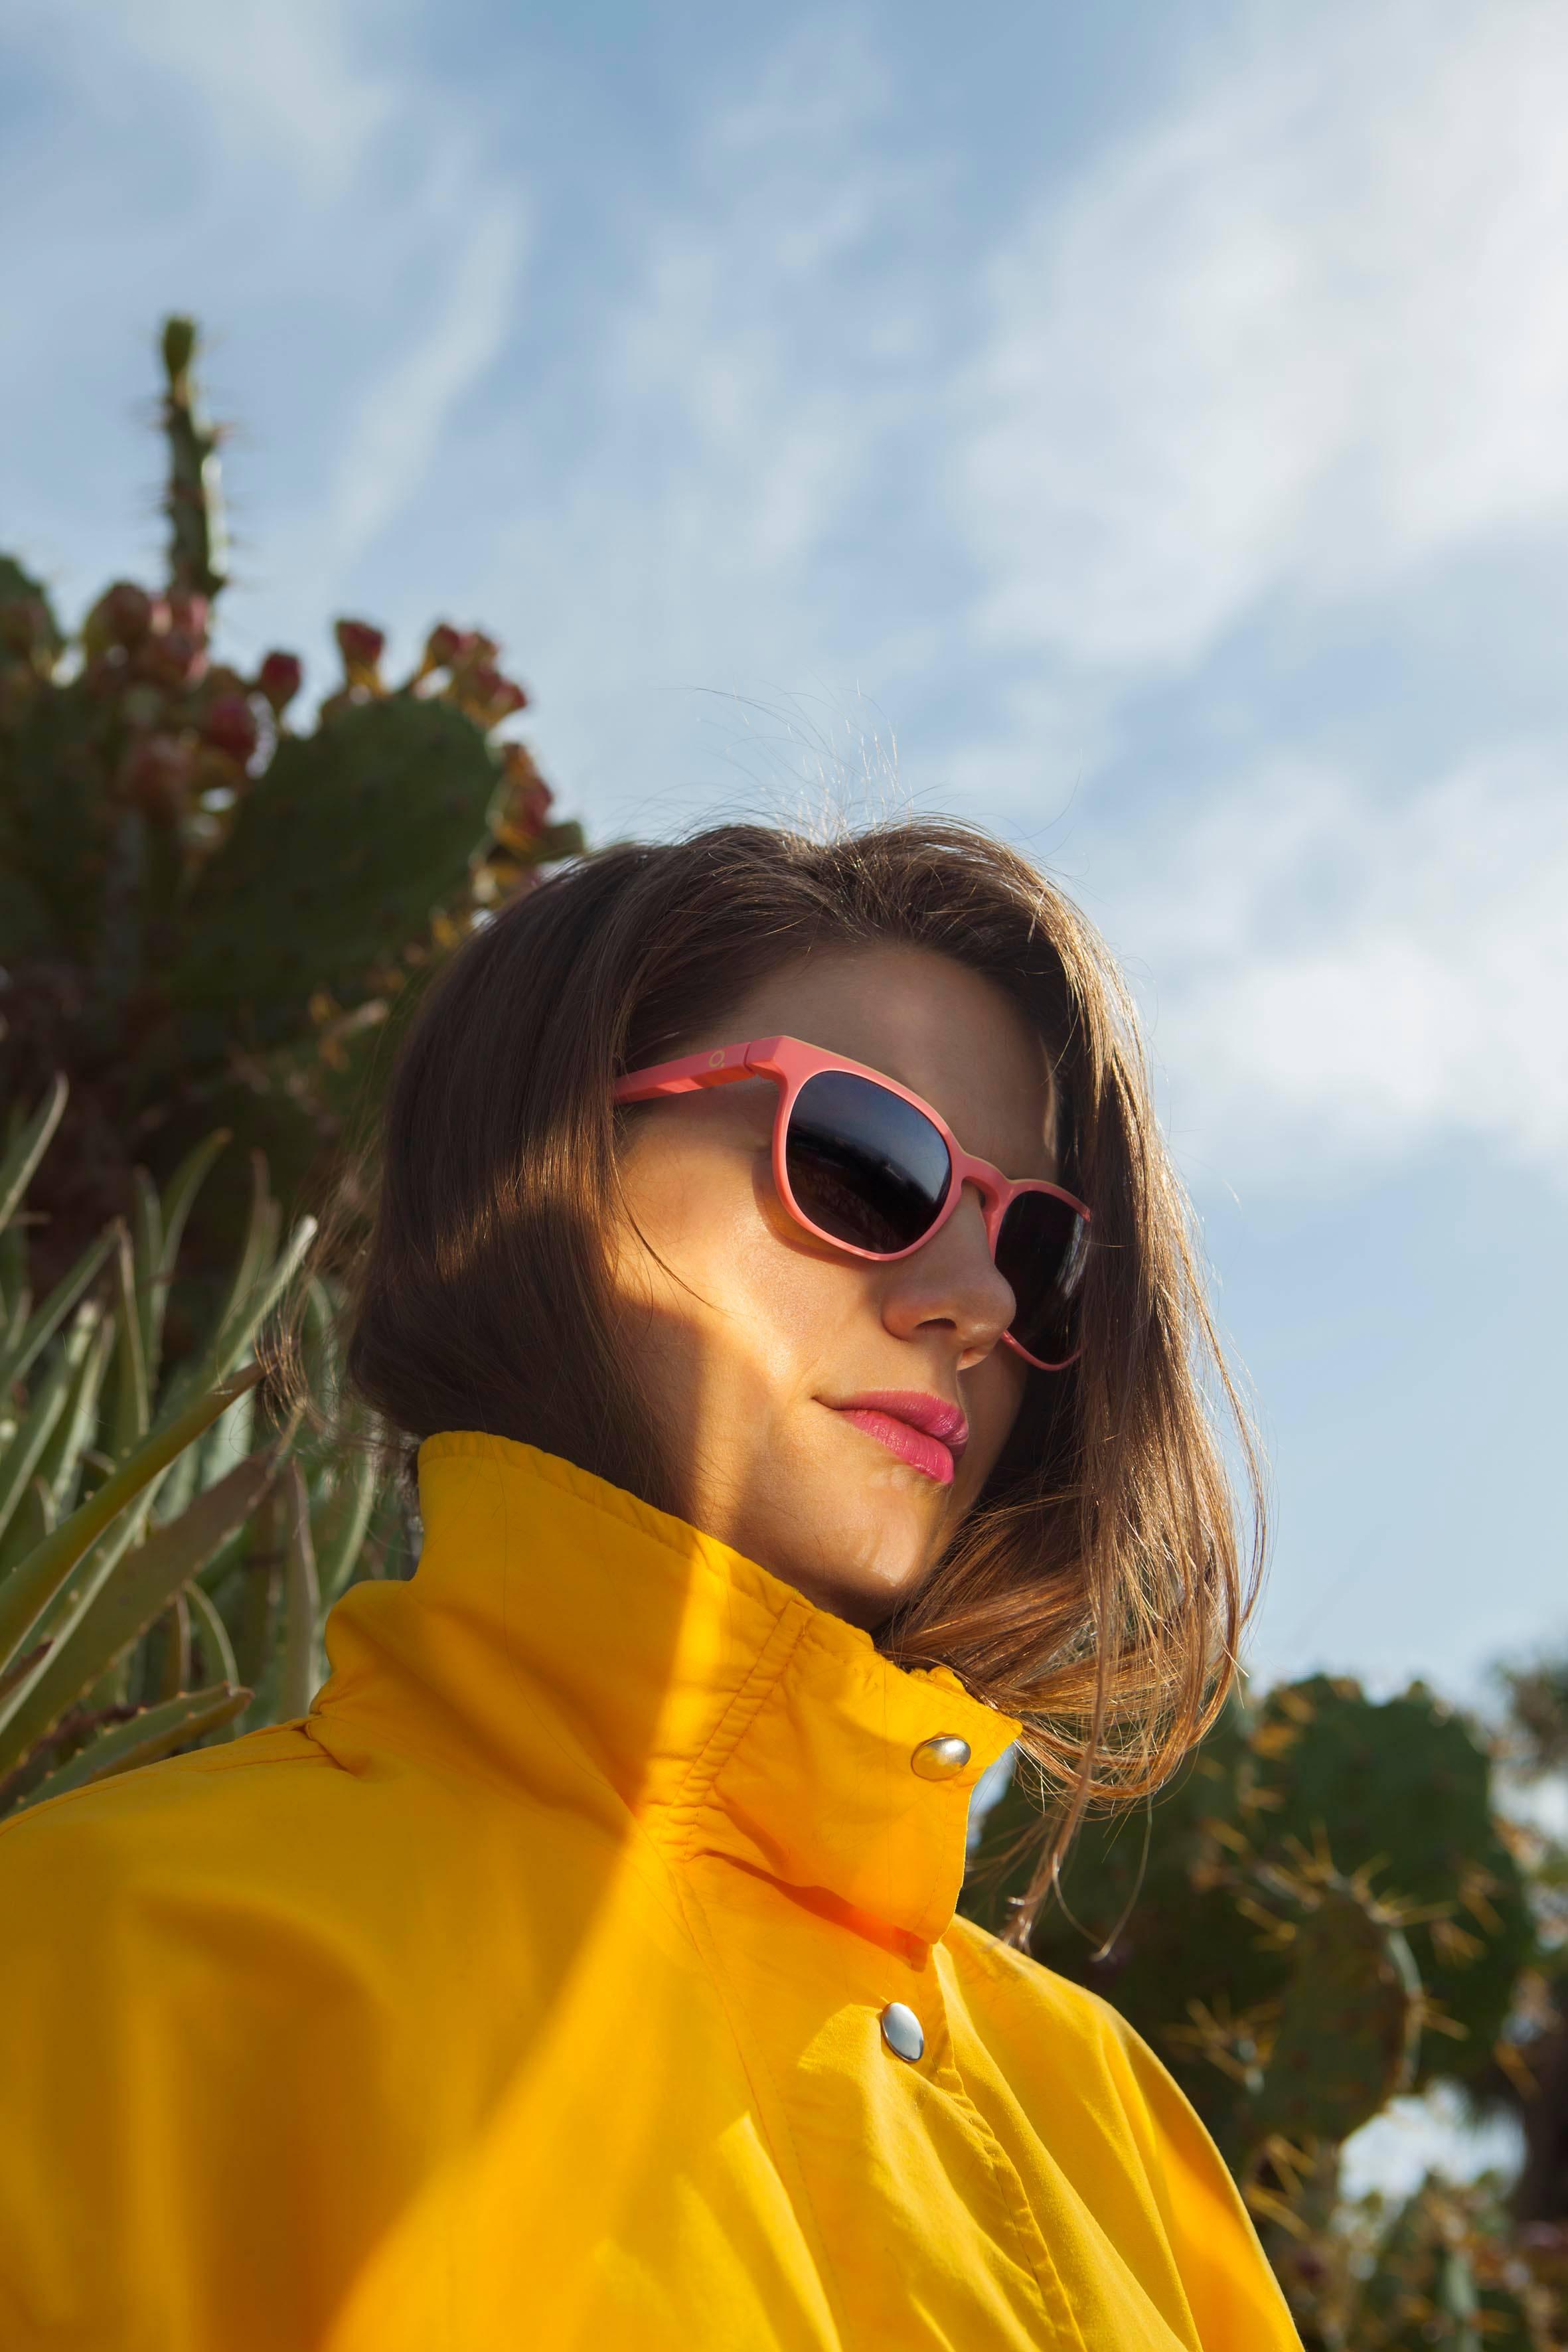 צילום של האמן רמי מימון, מצלם את האמנית אנה ים